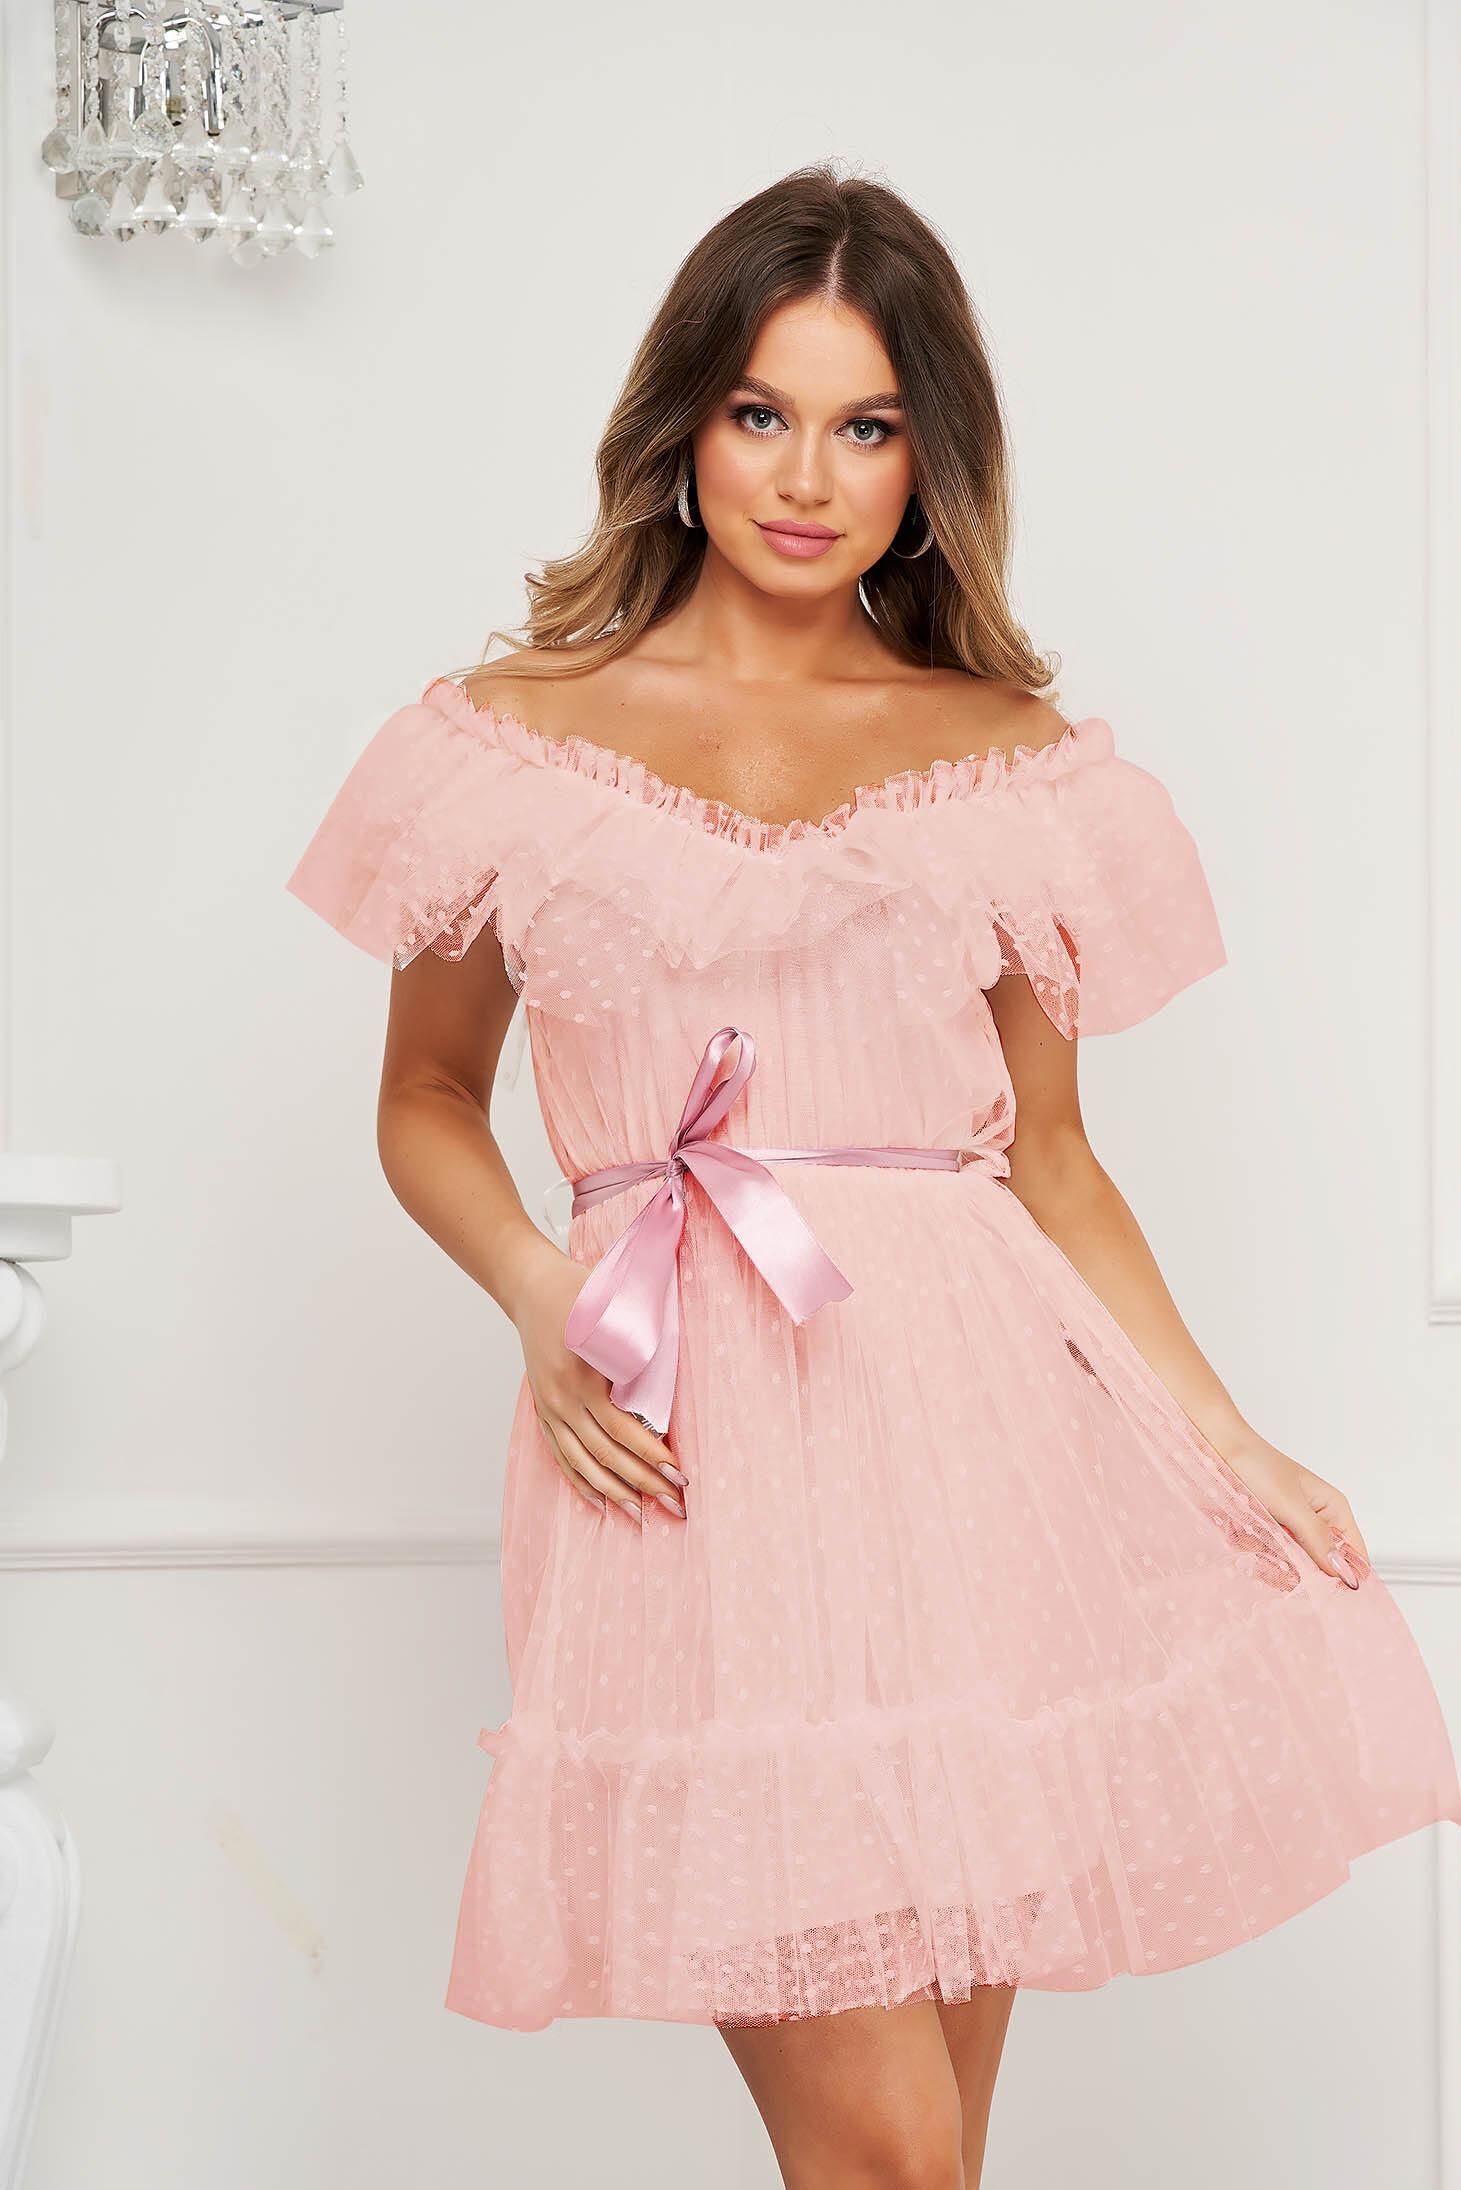 Rochie roz prafuit de ocazie din tul in clos cu aplicatii din plumeti pe umeri accesorizata cu cordon